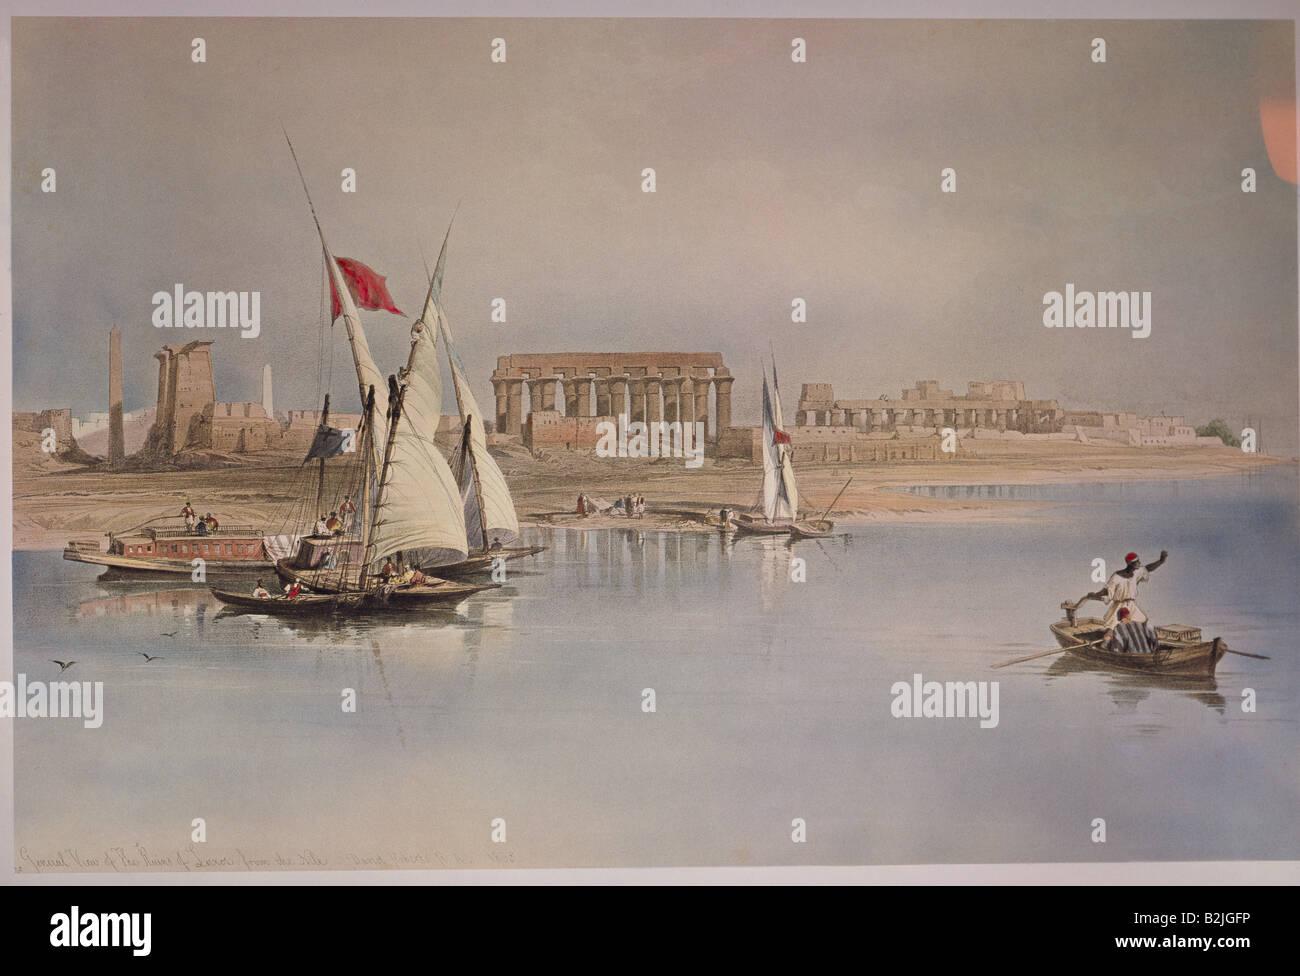 Geografía / viajes, Egipto, Luxor, vistas a la ciudad / paisajes urbanos, Ruinas de Luxor, litografía Imagen De Stock